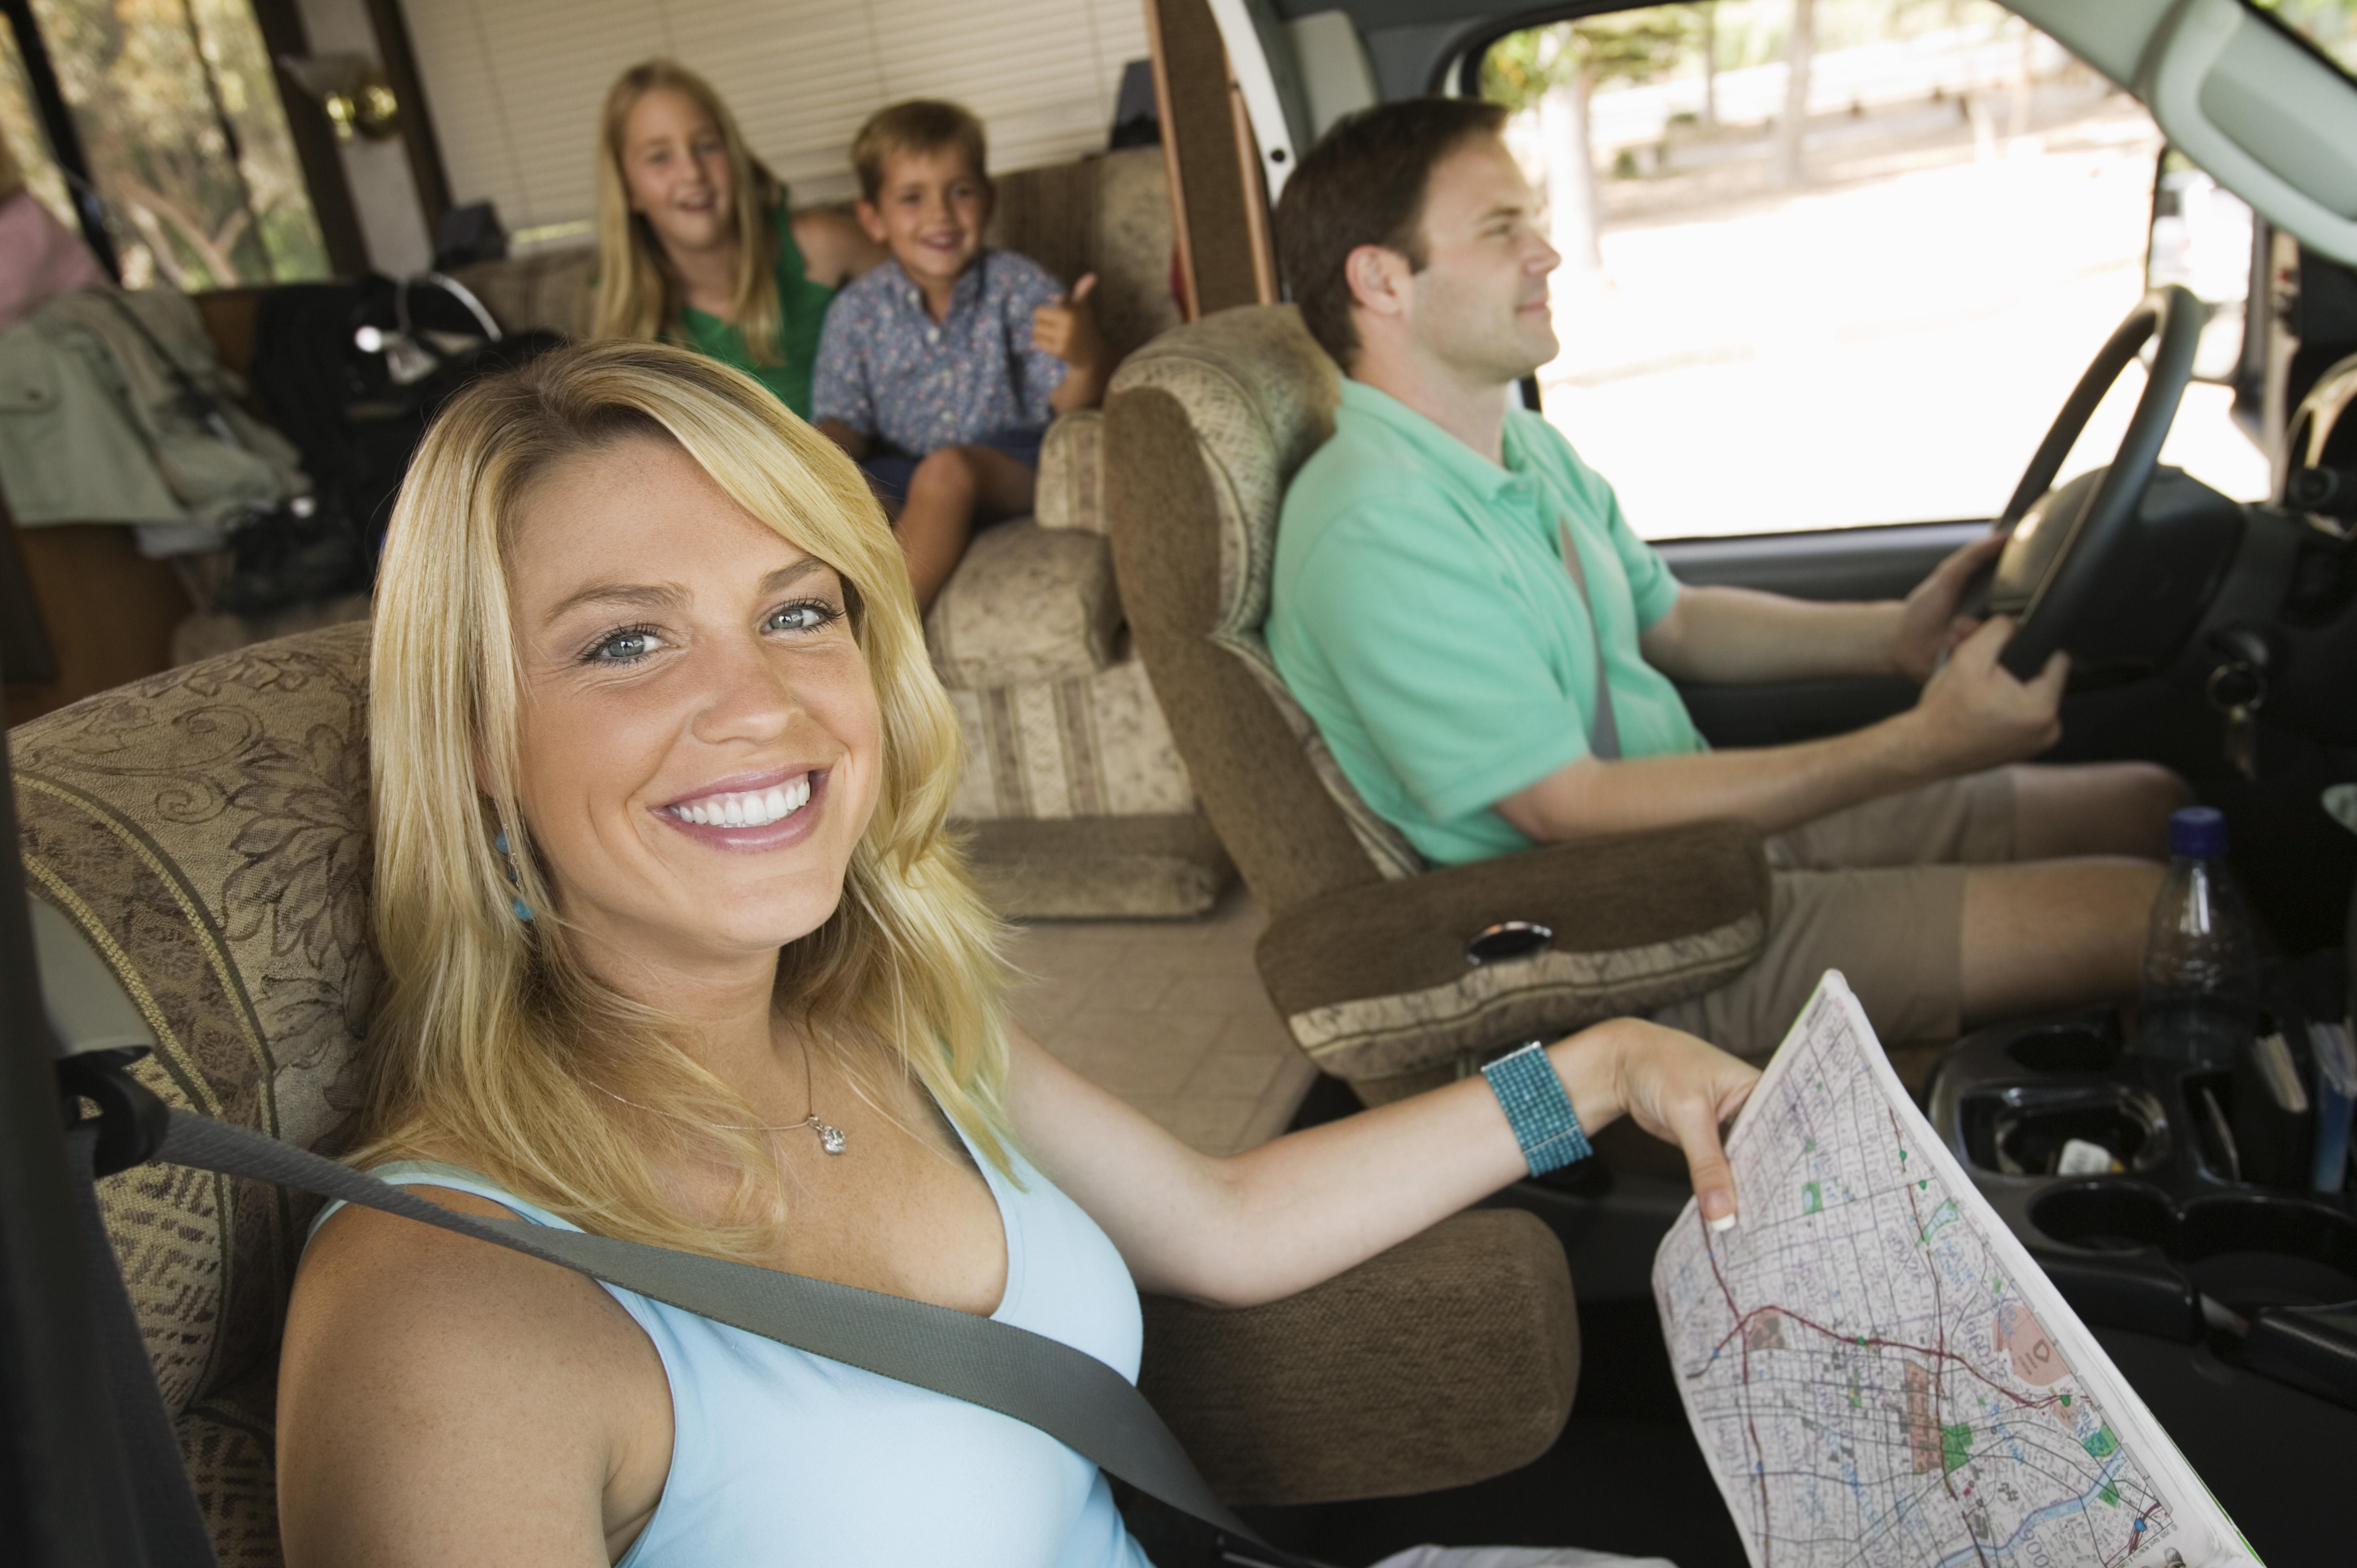 Der Urlaub im Wohnmobil boomt mehr denn je Image 4